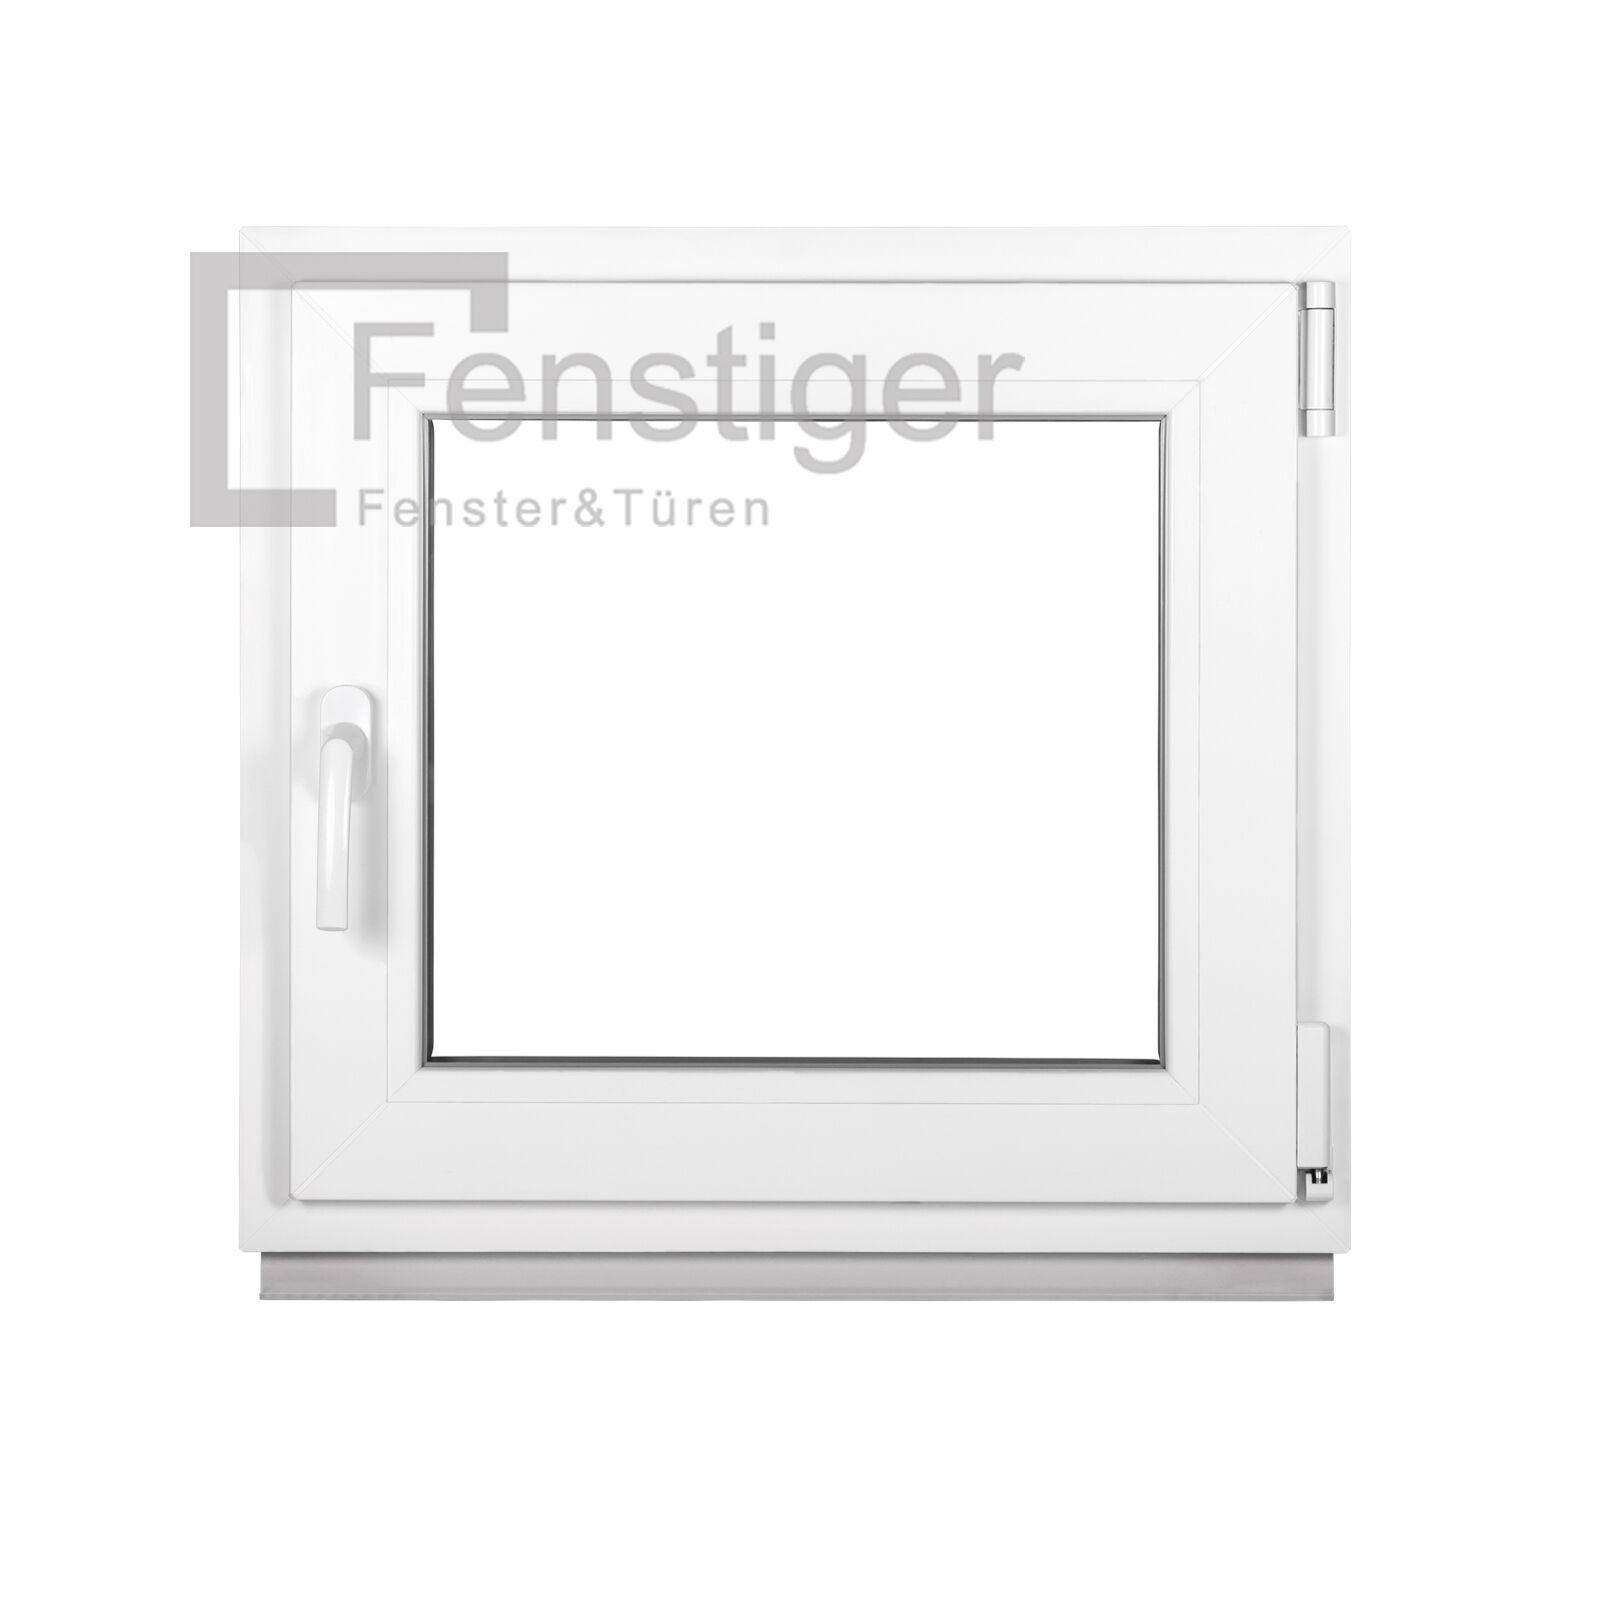 Kunststofffenster Kellerfenster Fenster 2-fach Verglasung Dreh Kipp ISOGLAS